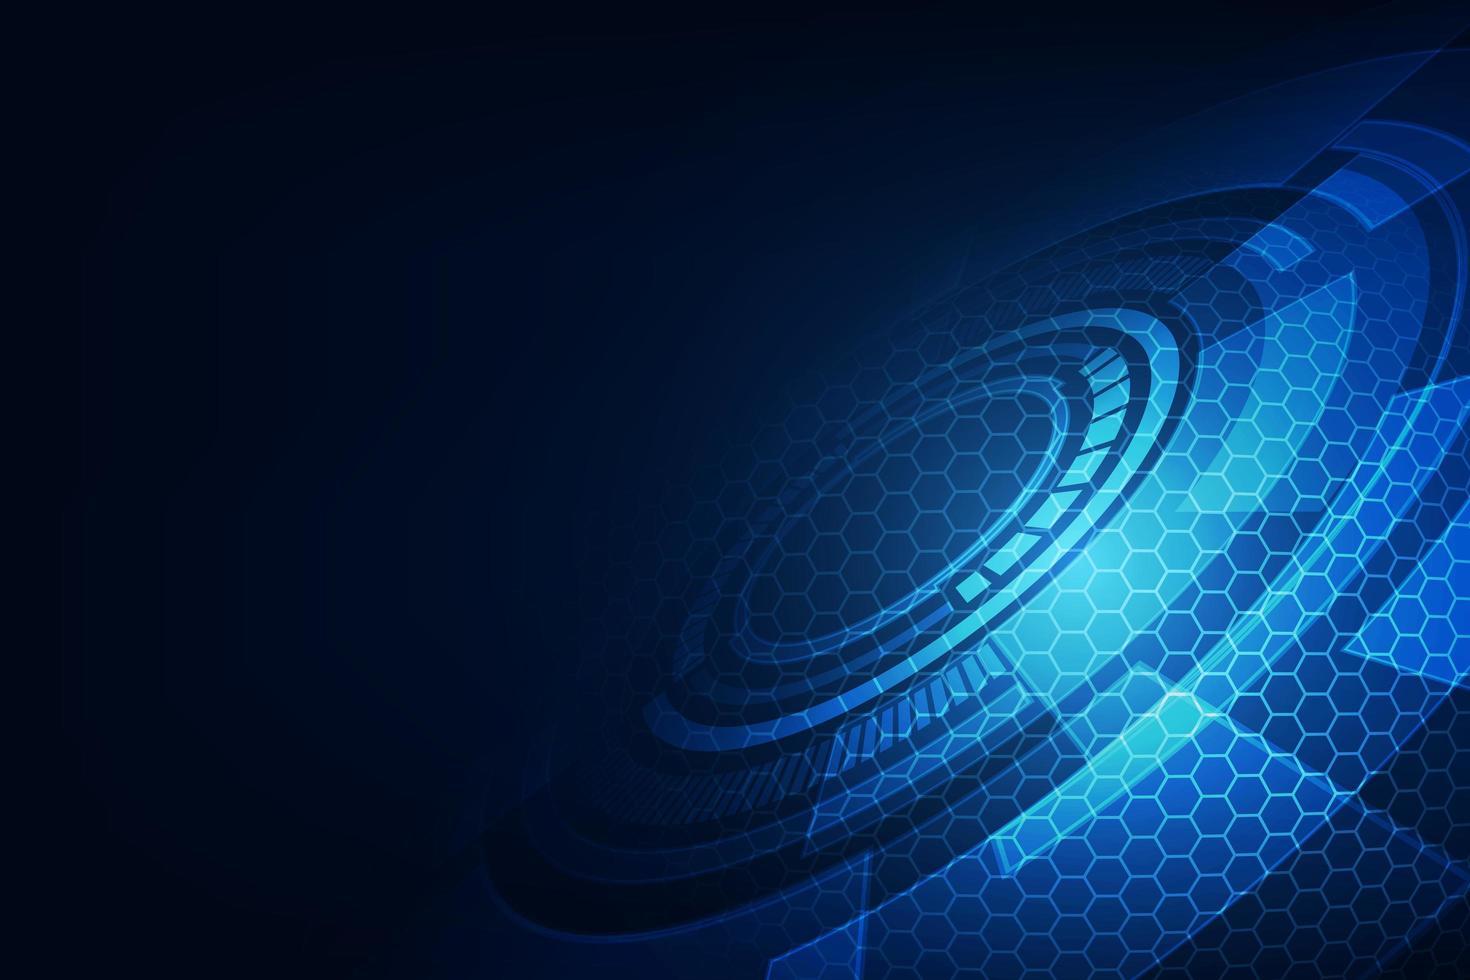 Vektor abstrakte Zukunftstechnologie, elektrischer Telekommunikationshintergrund